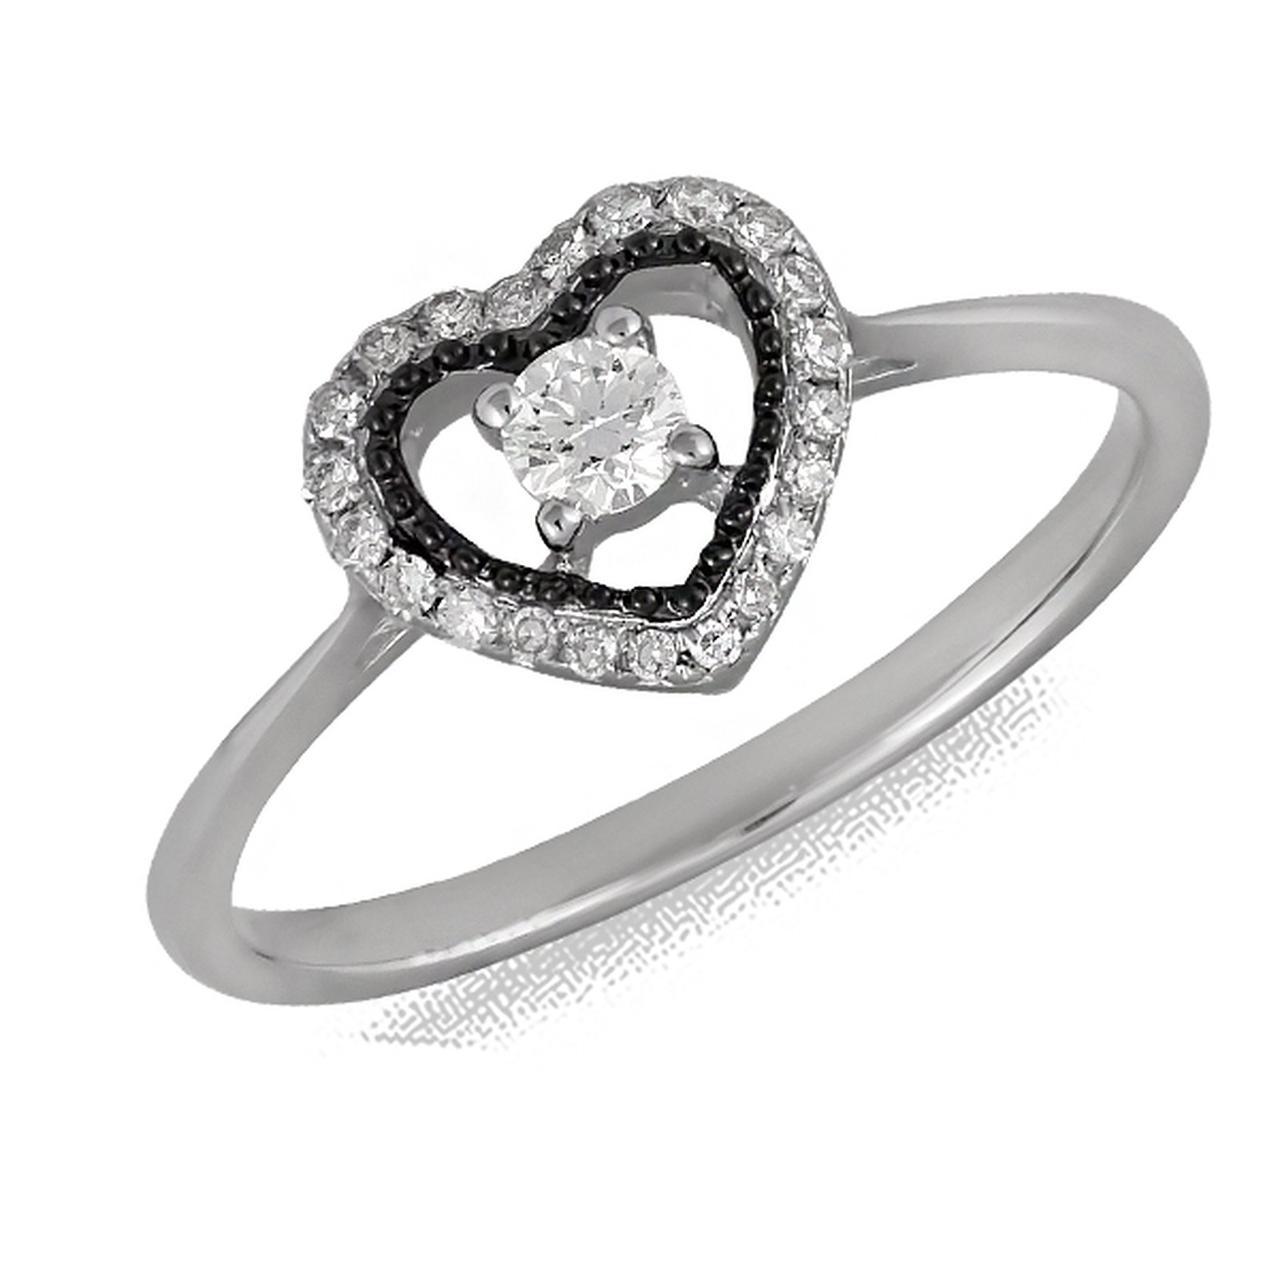 Золотое кольцо с бриллиантами, размер 16.5 (075747)